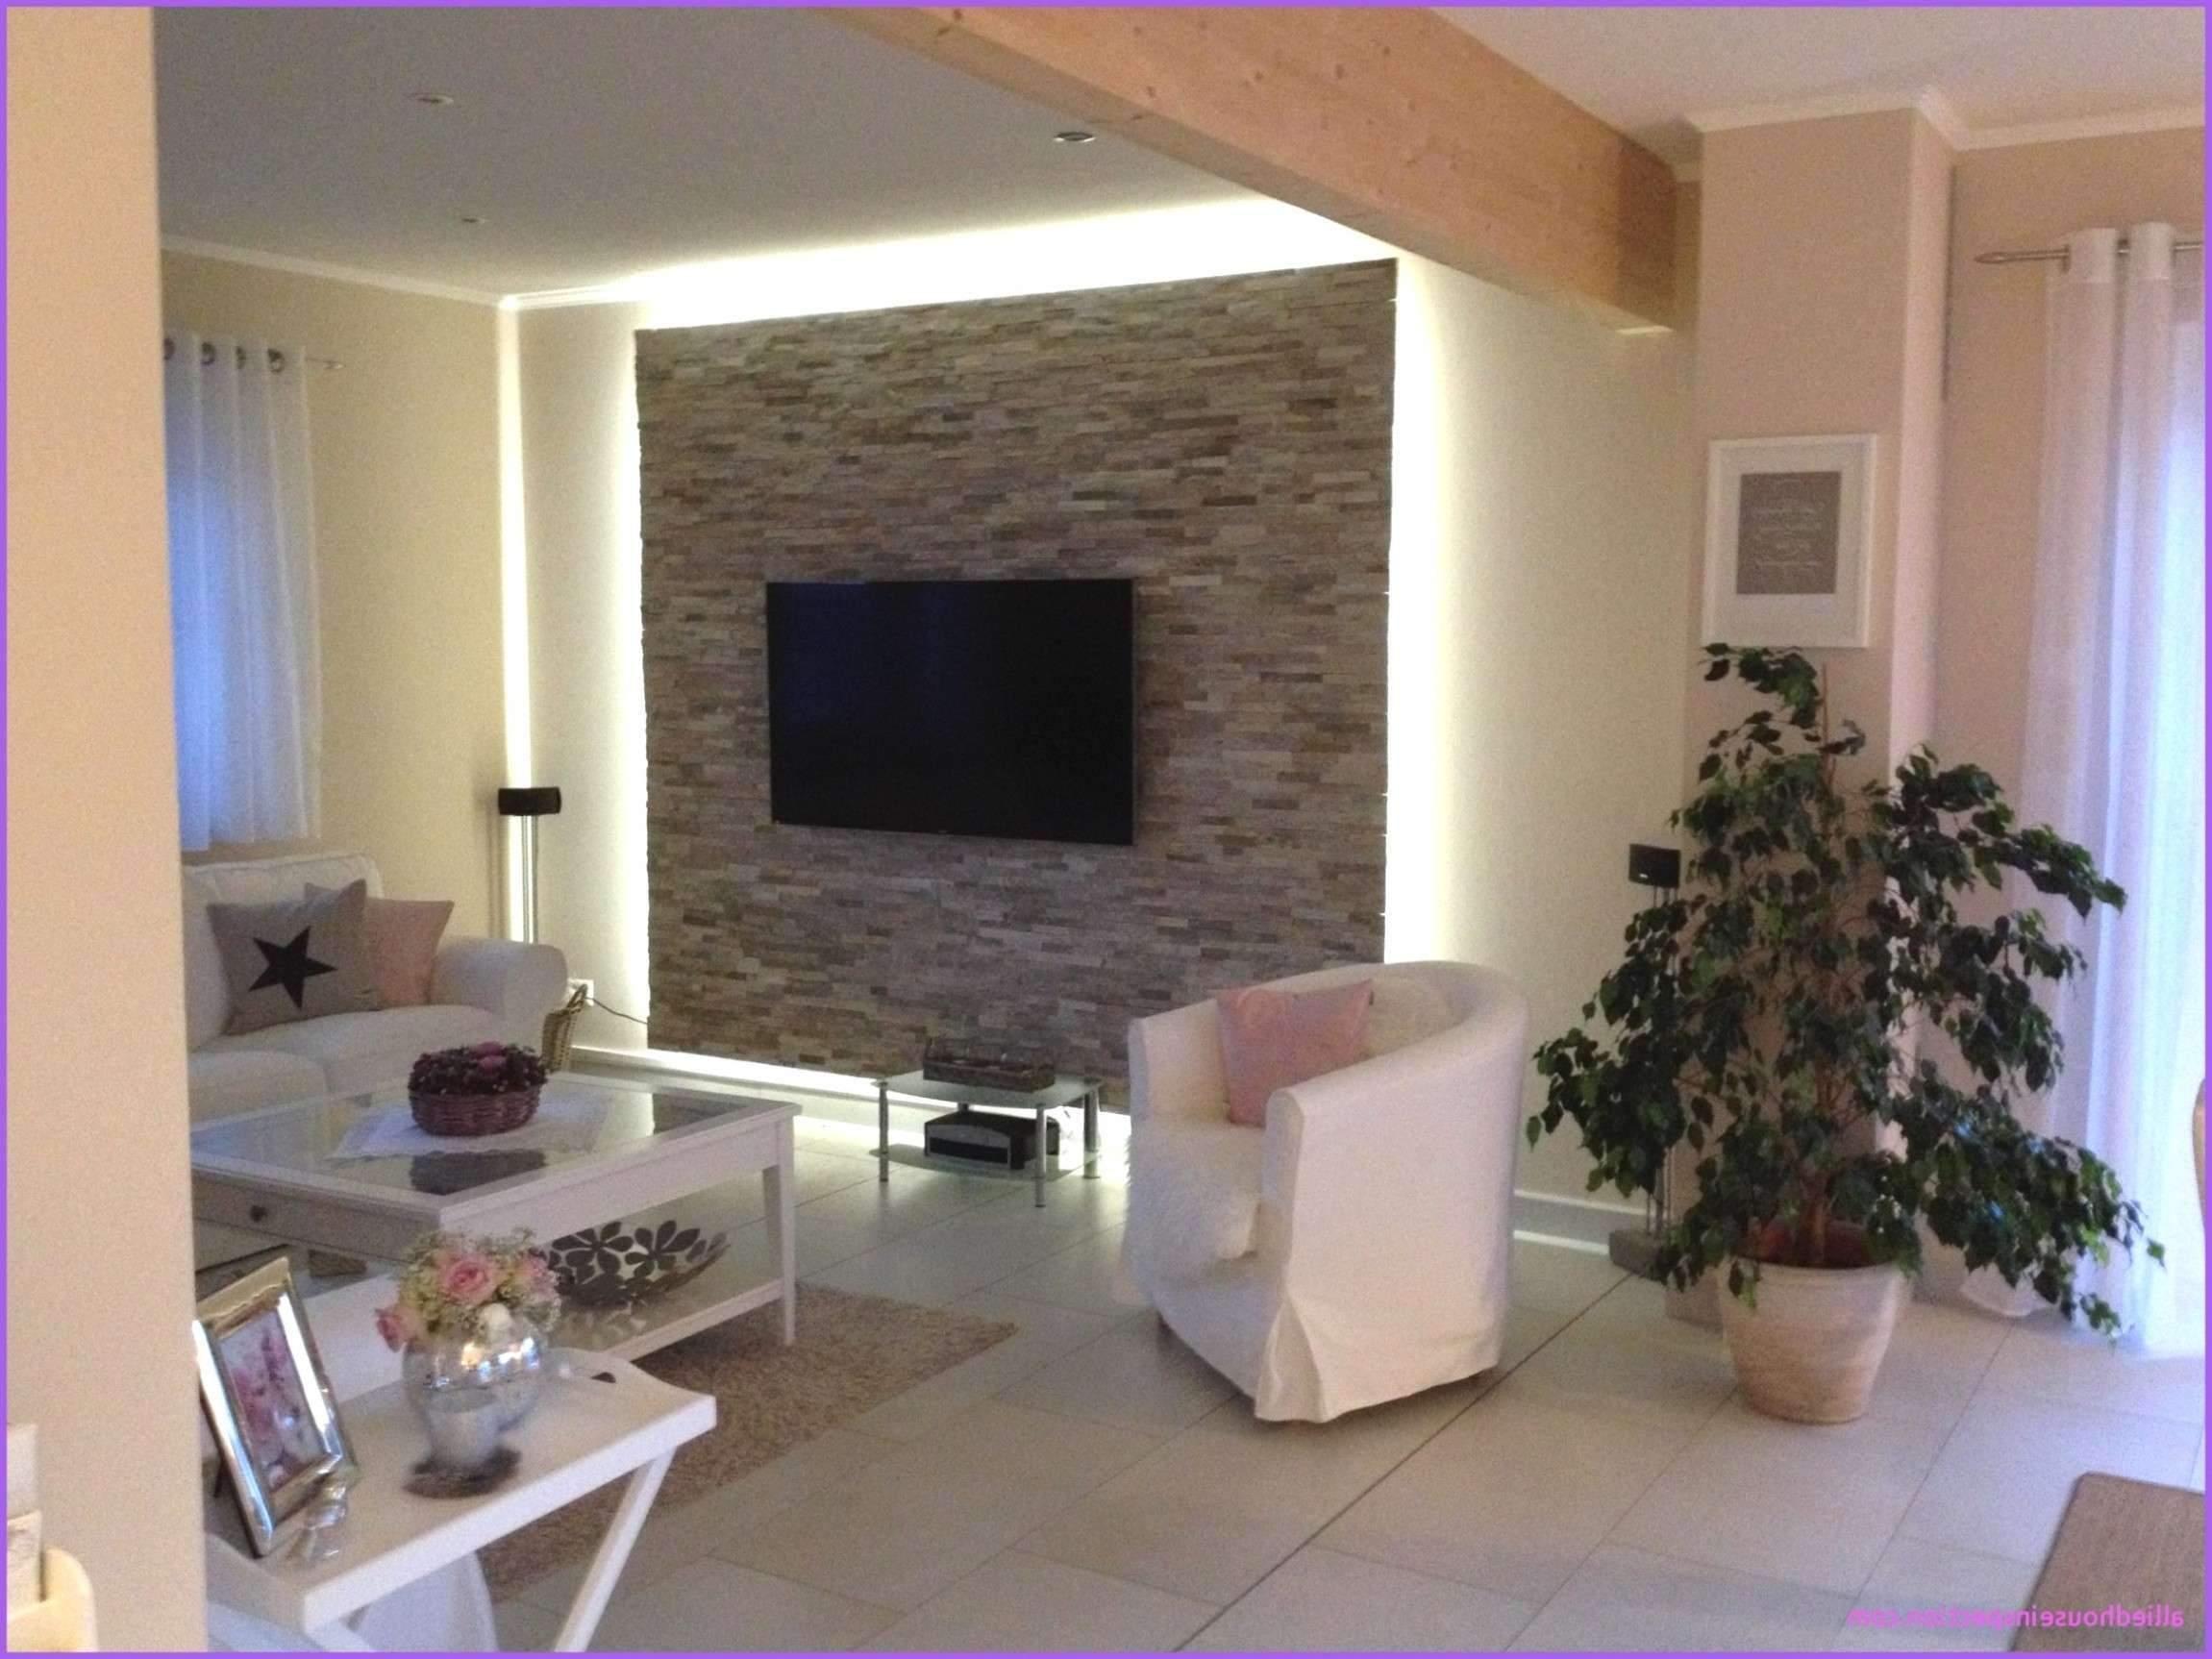 Full Size of Gardinen Wohnzimmer Kurz Modern Für Lampe Teppiche Teppich Liege Tapete Küche Vorhänge Deckenlampe Deckenlampen Tischlampe Deckenleuchte Schlafzimmer Wohnzimmer Gardinen Wohnzimmer Kurz Modern